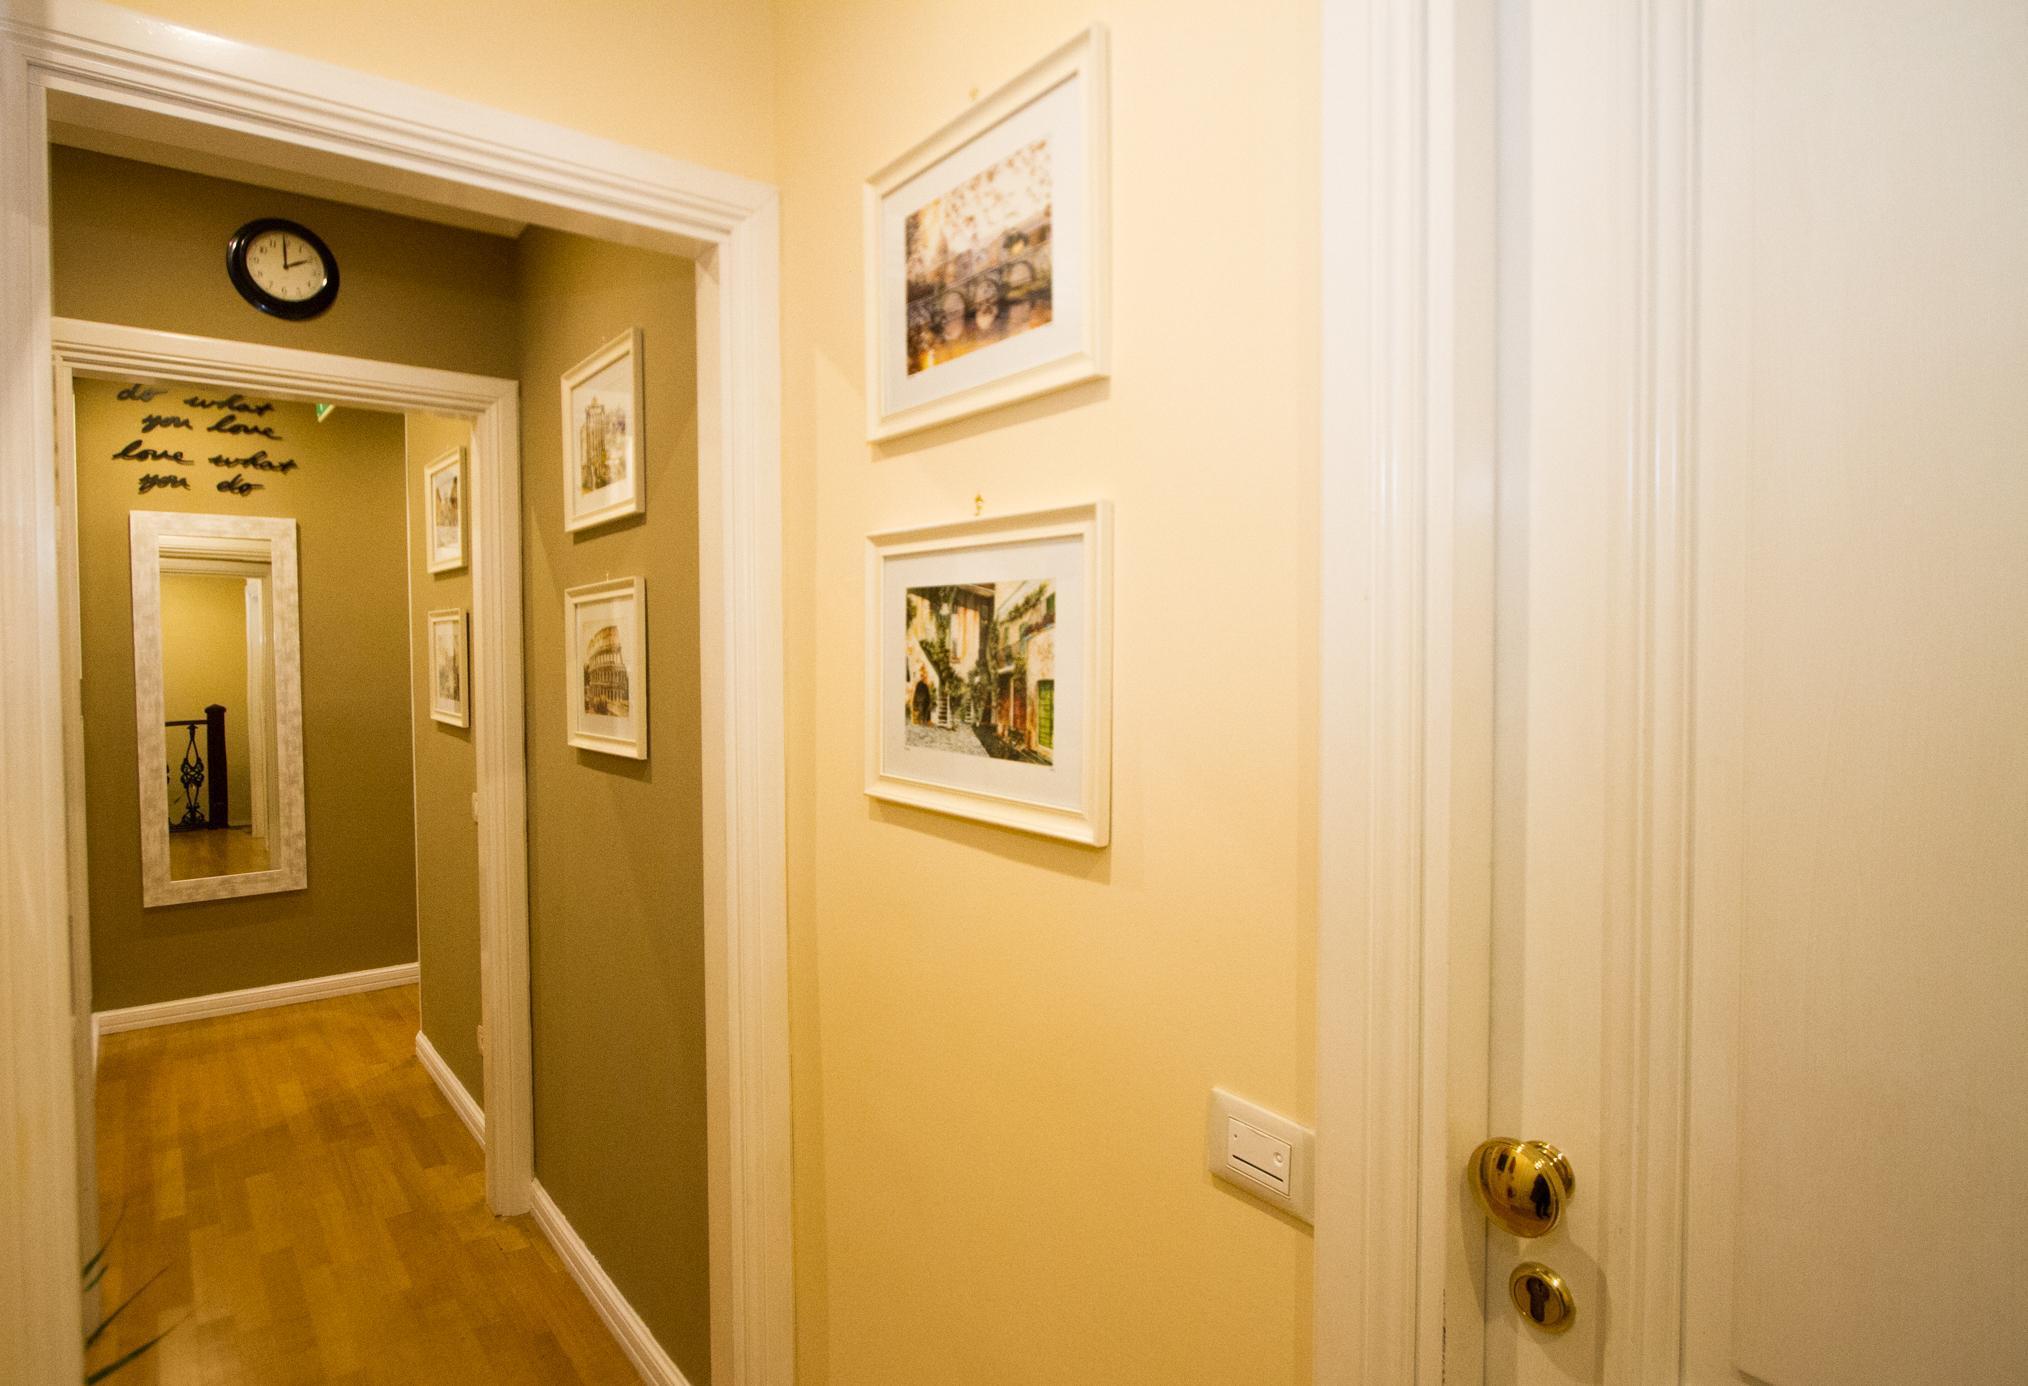 Flann O Brien Rooms